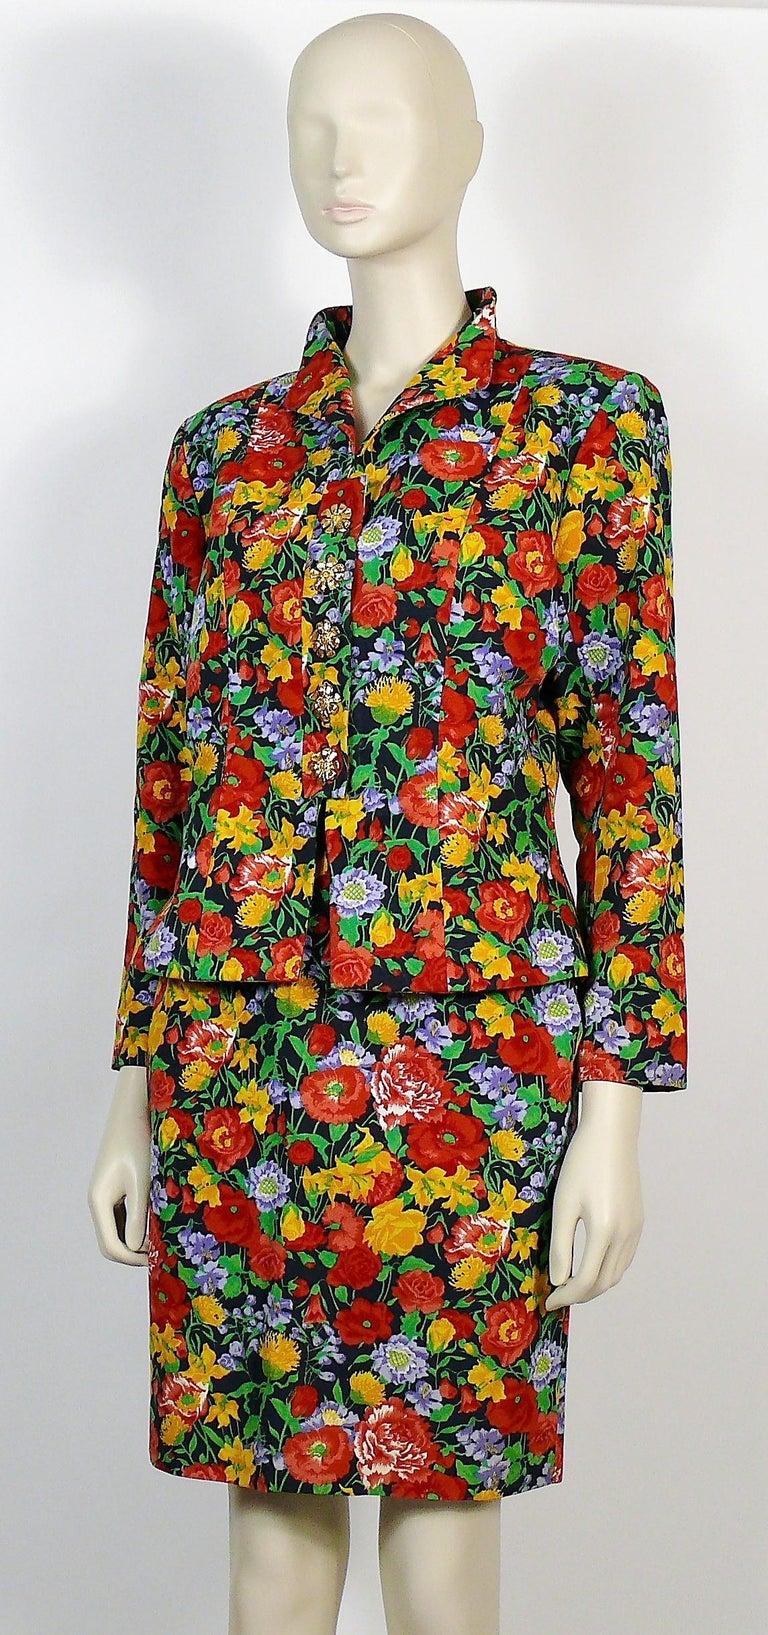 Yves Saint Laurent YSL Vintage Floral Print Skirt Suit Spring/Summer 1992 For Sale 2